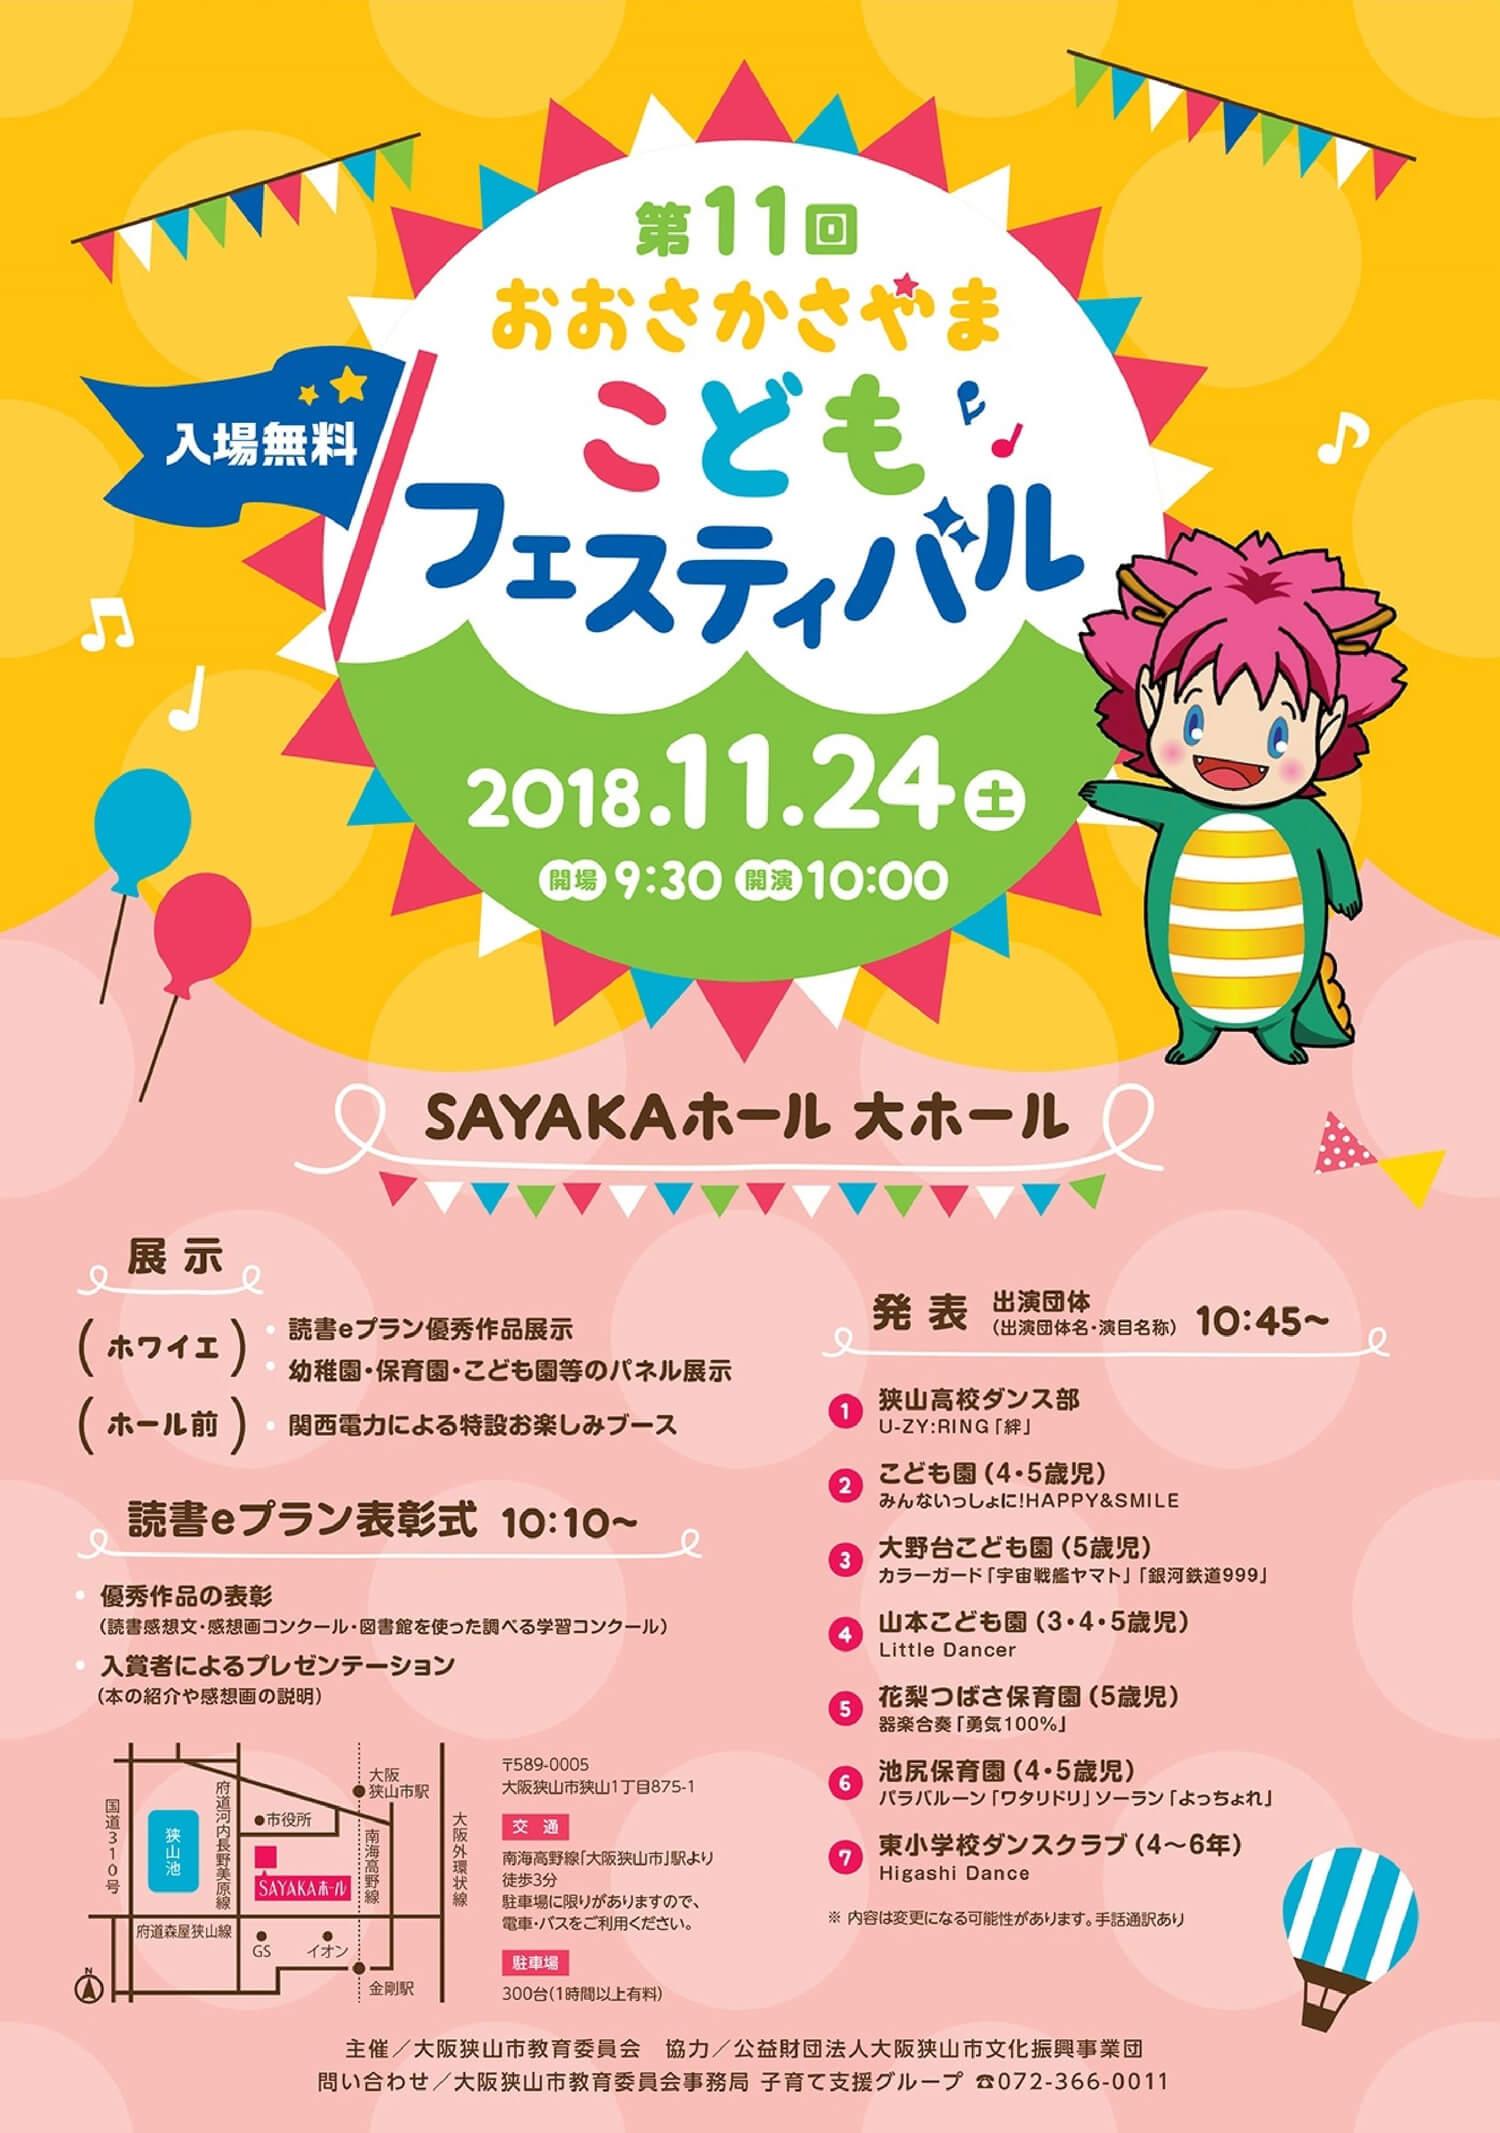 「第11回おおさかさやまこどもフェスティバル」がSAYAKAホールにて2018年11月24日に開催!